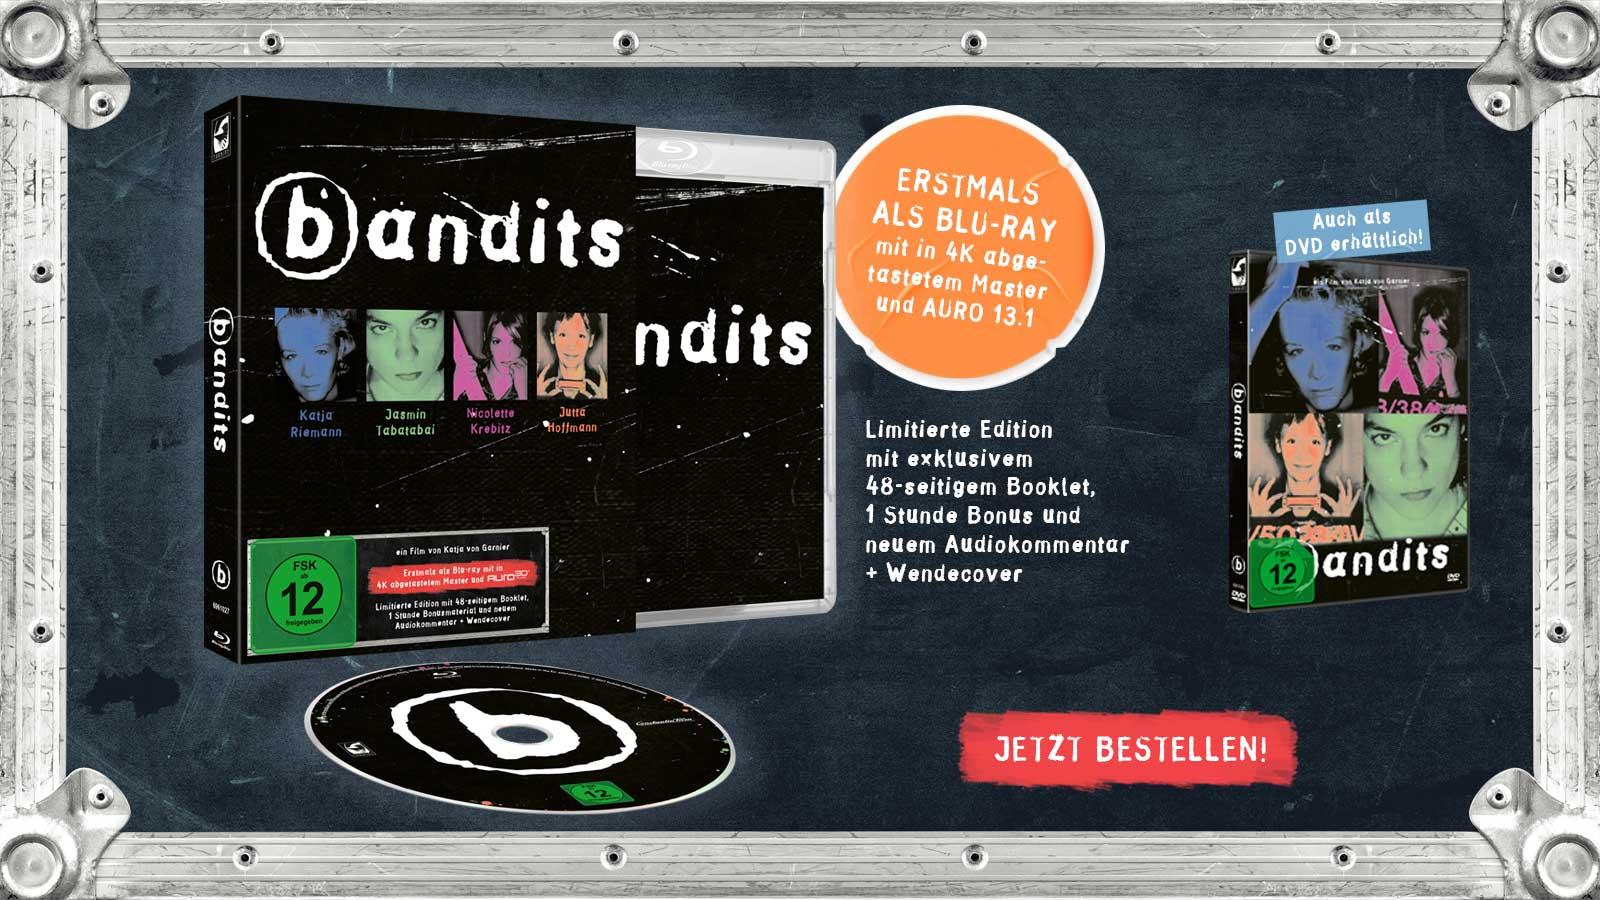 Bandits_TurbineHomepage1600x900_web